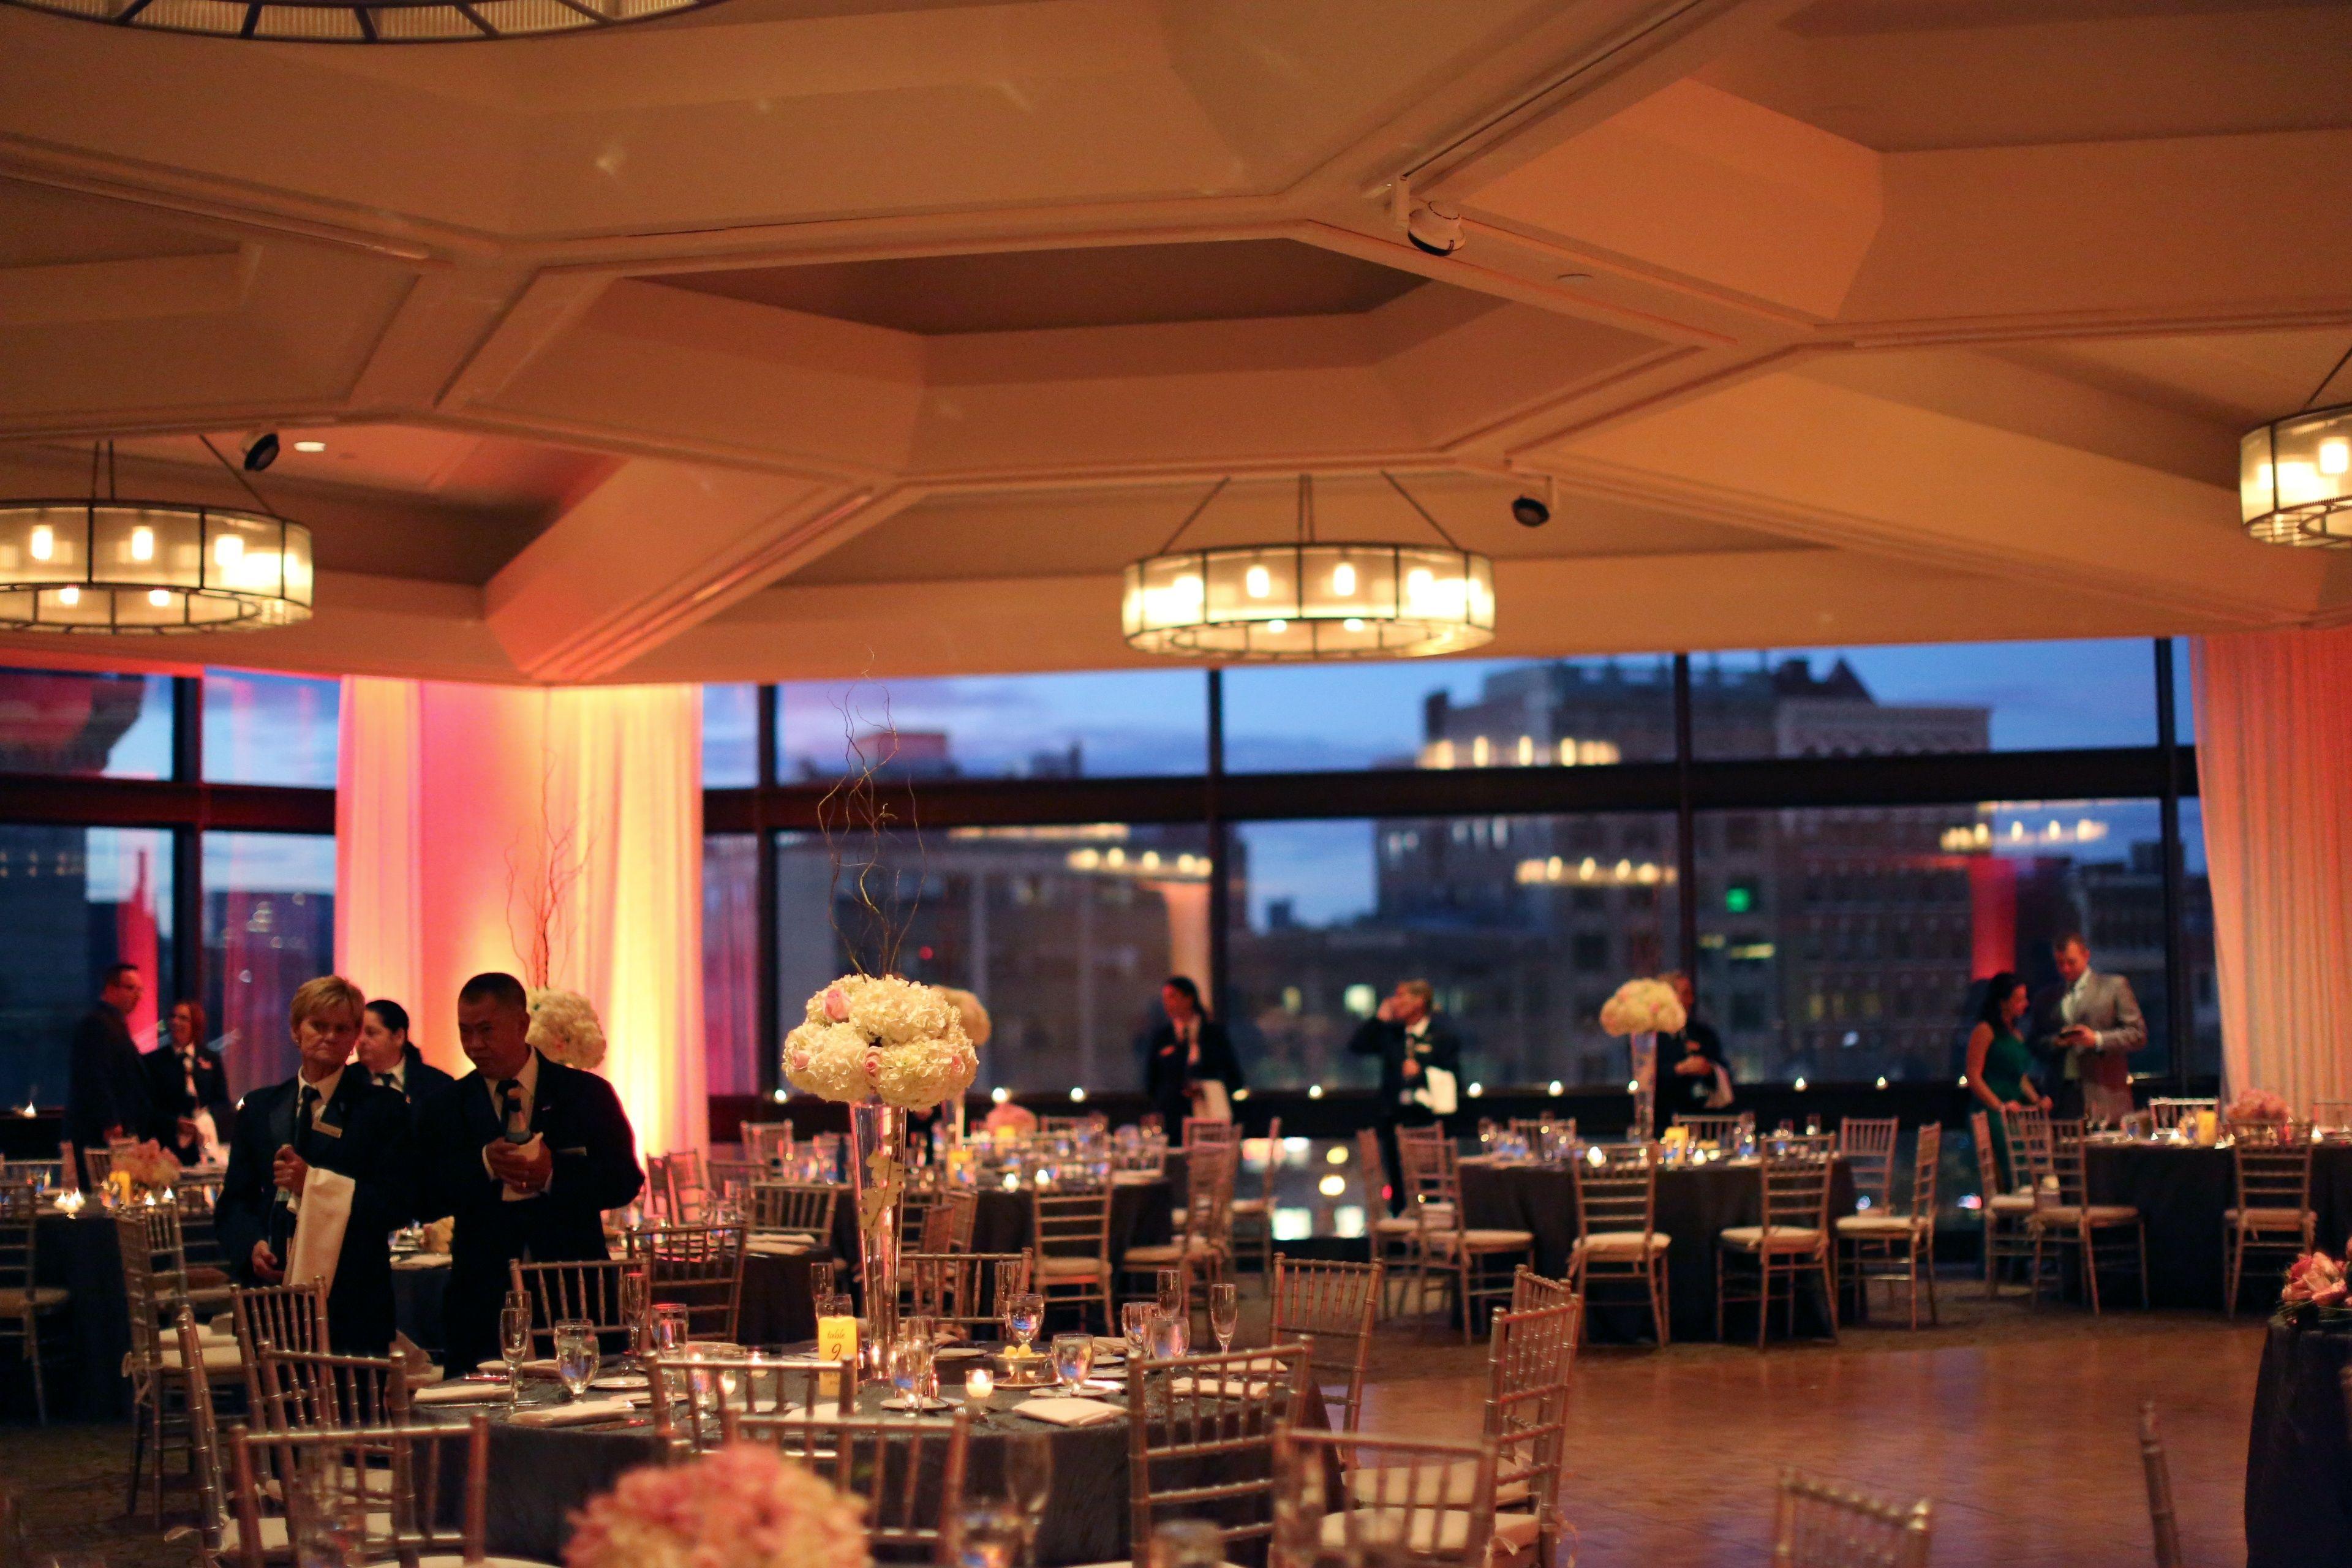 wedding reception locations nyc%0A Westin Copley Place Staffordshire Room  Boston Wedding    Christmas WeddingWedding  VenuesWedding